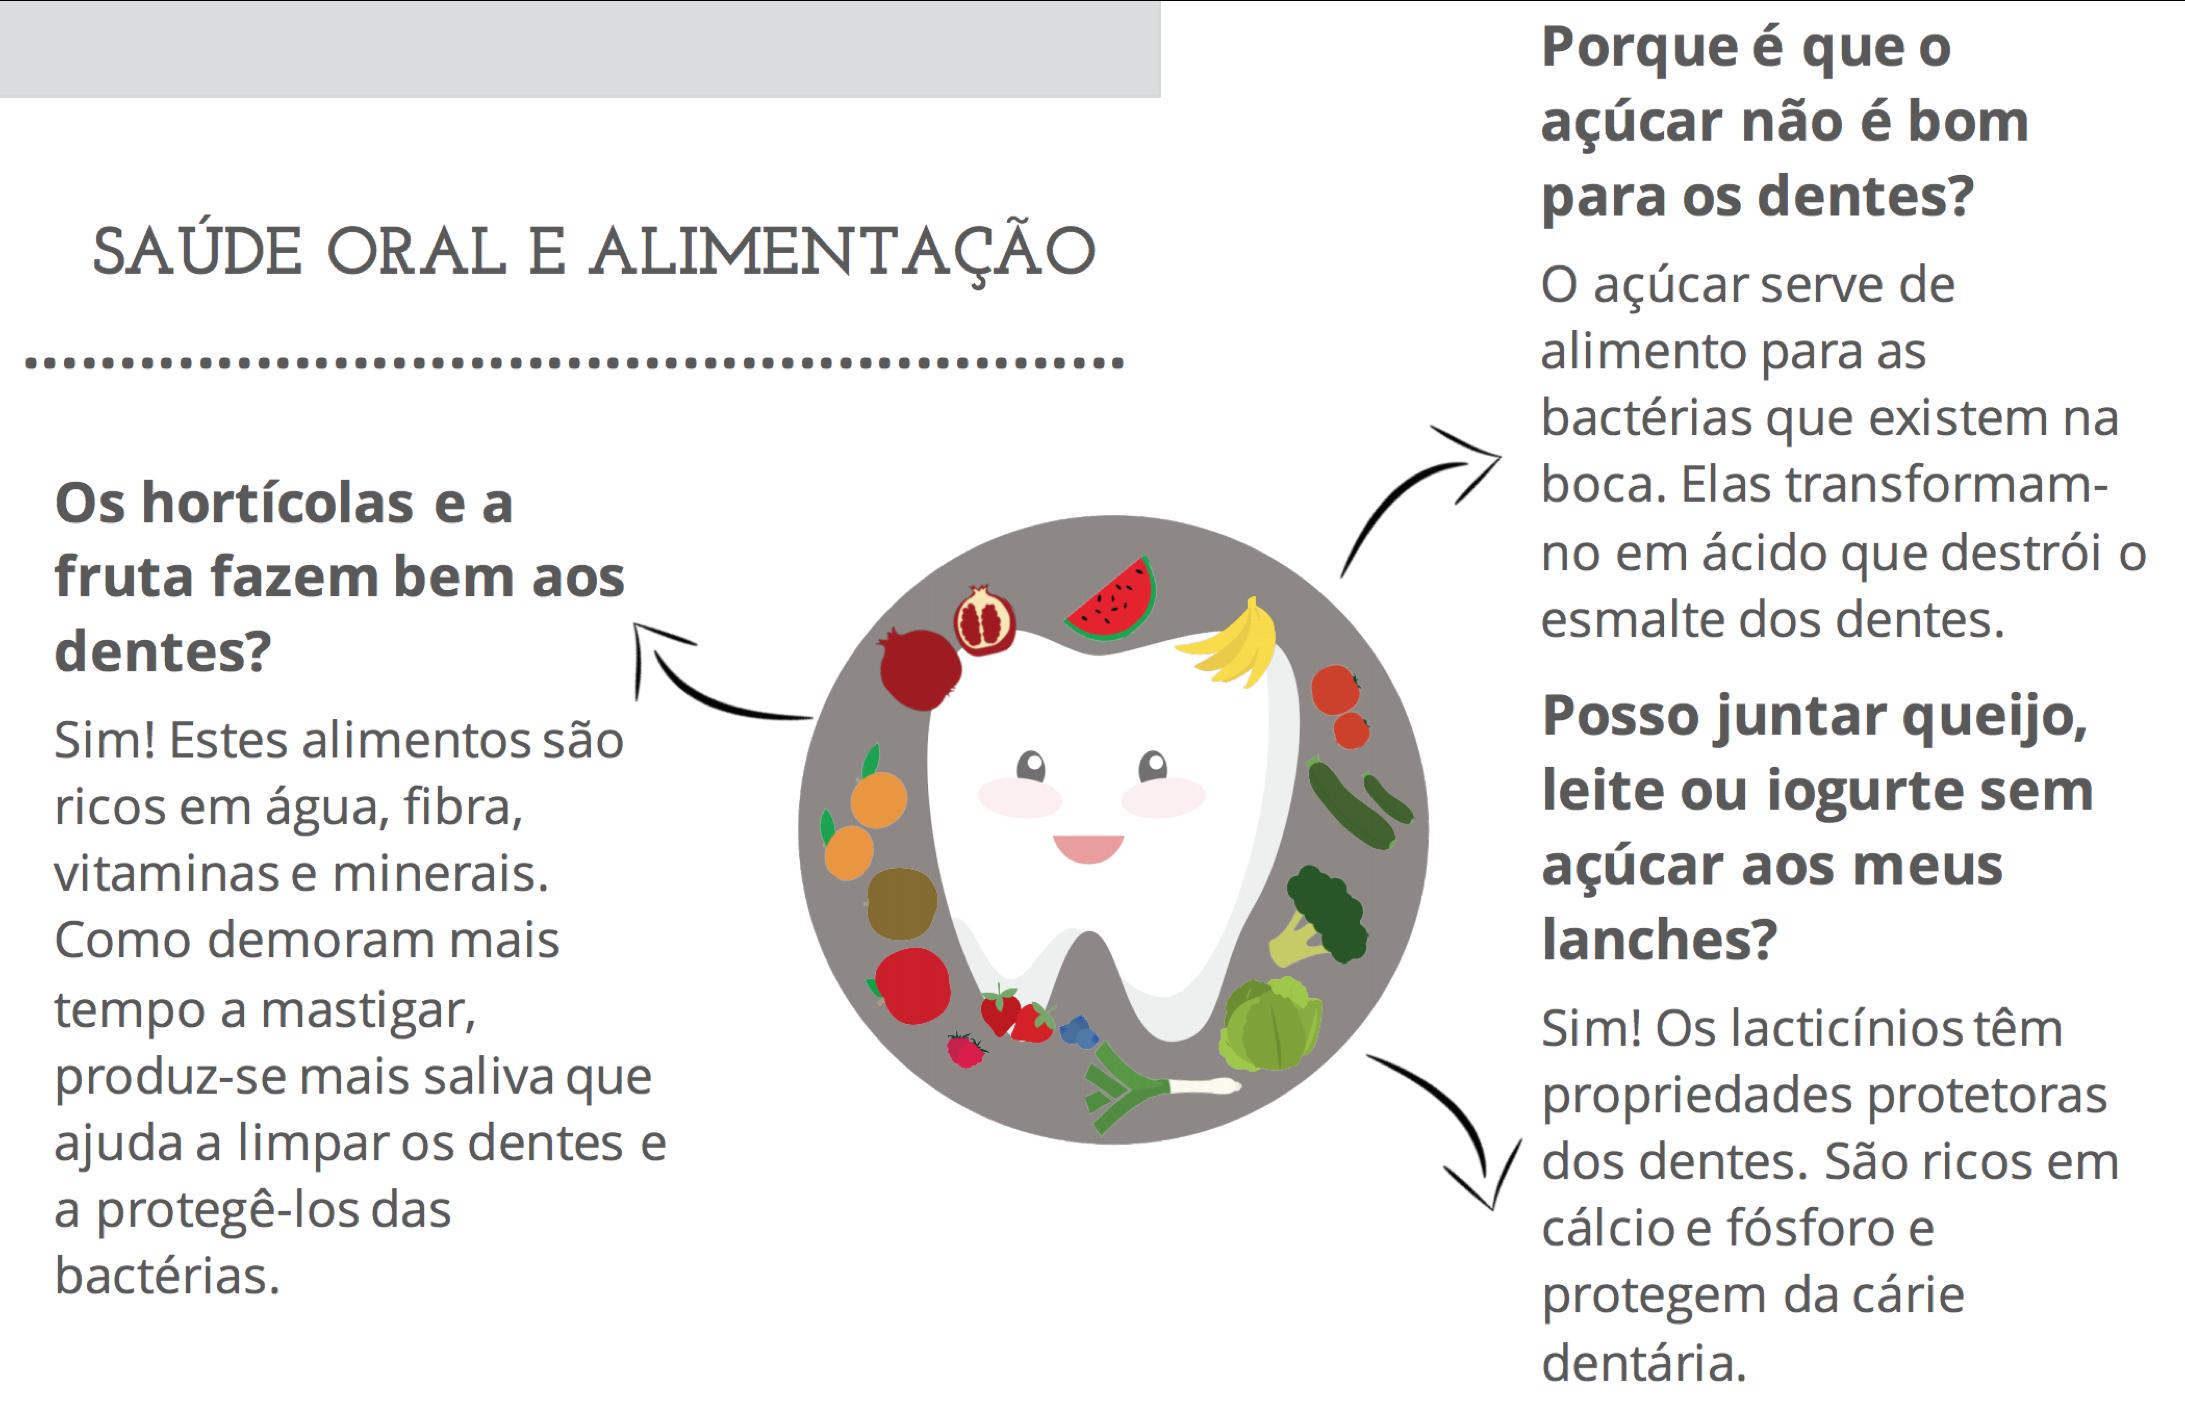 Saúde oral e alimentação com lanches saudáveis 1